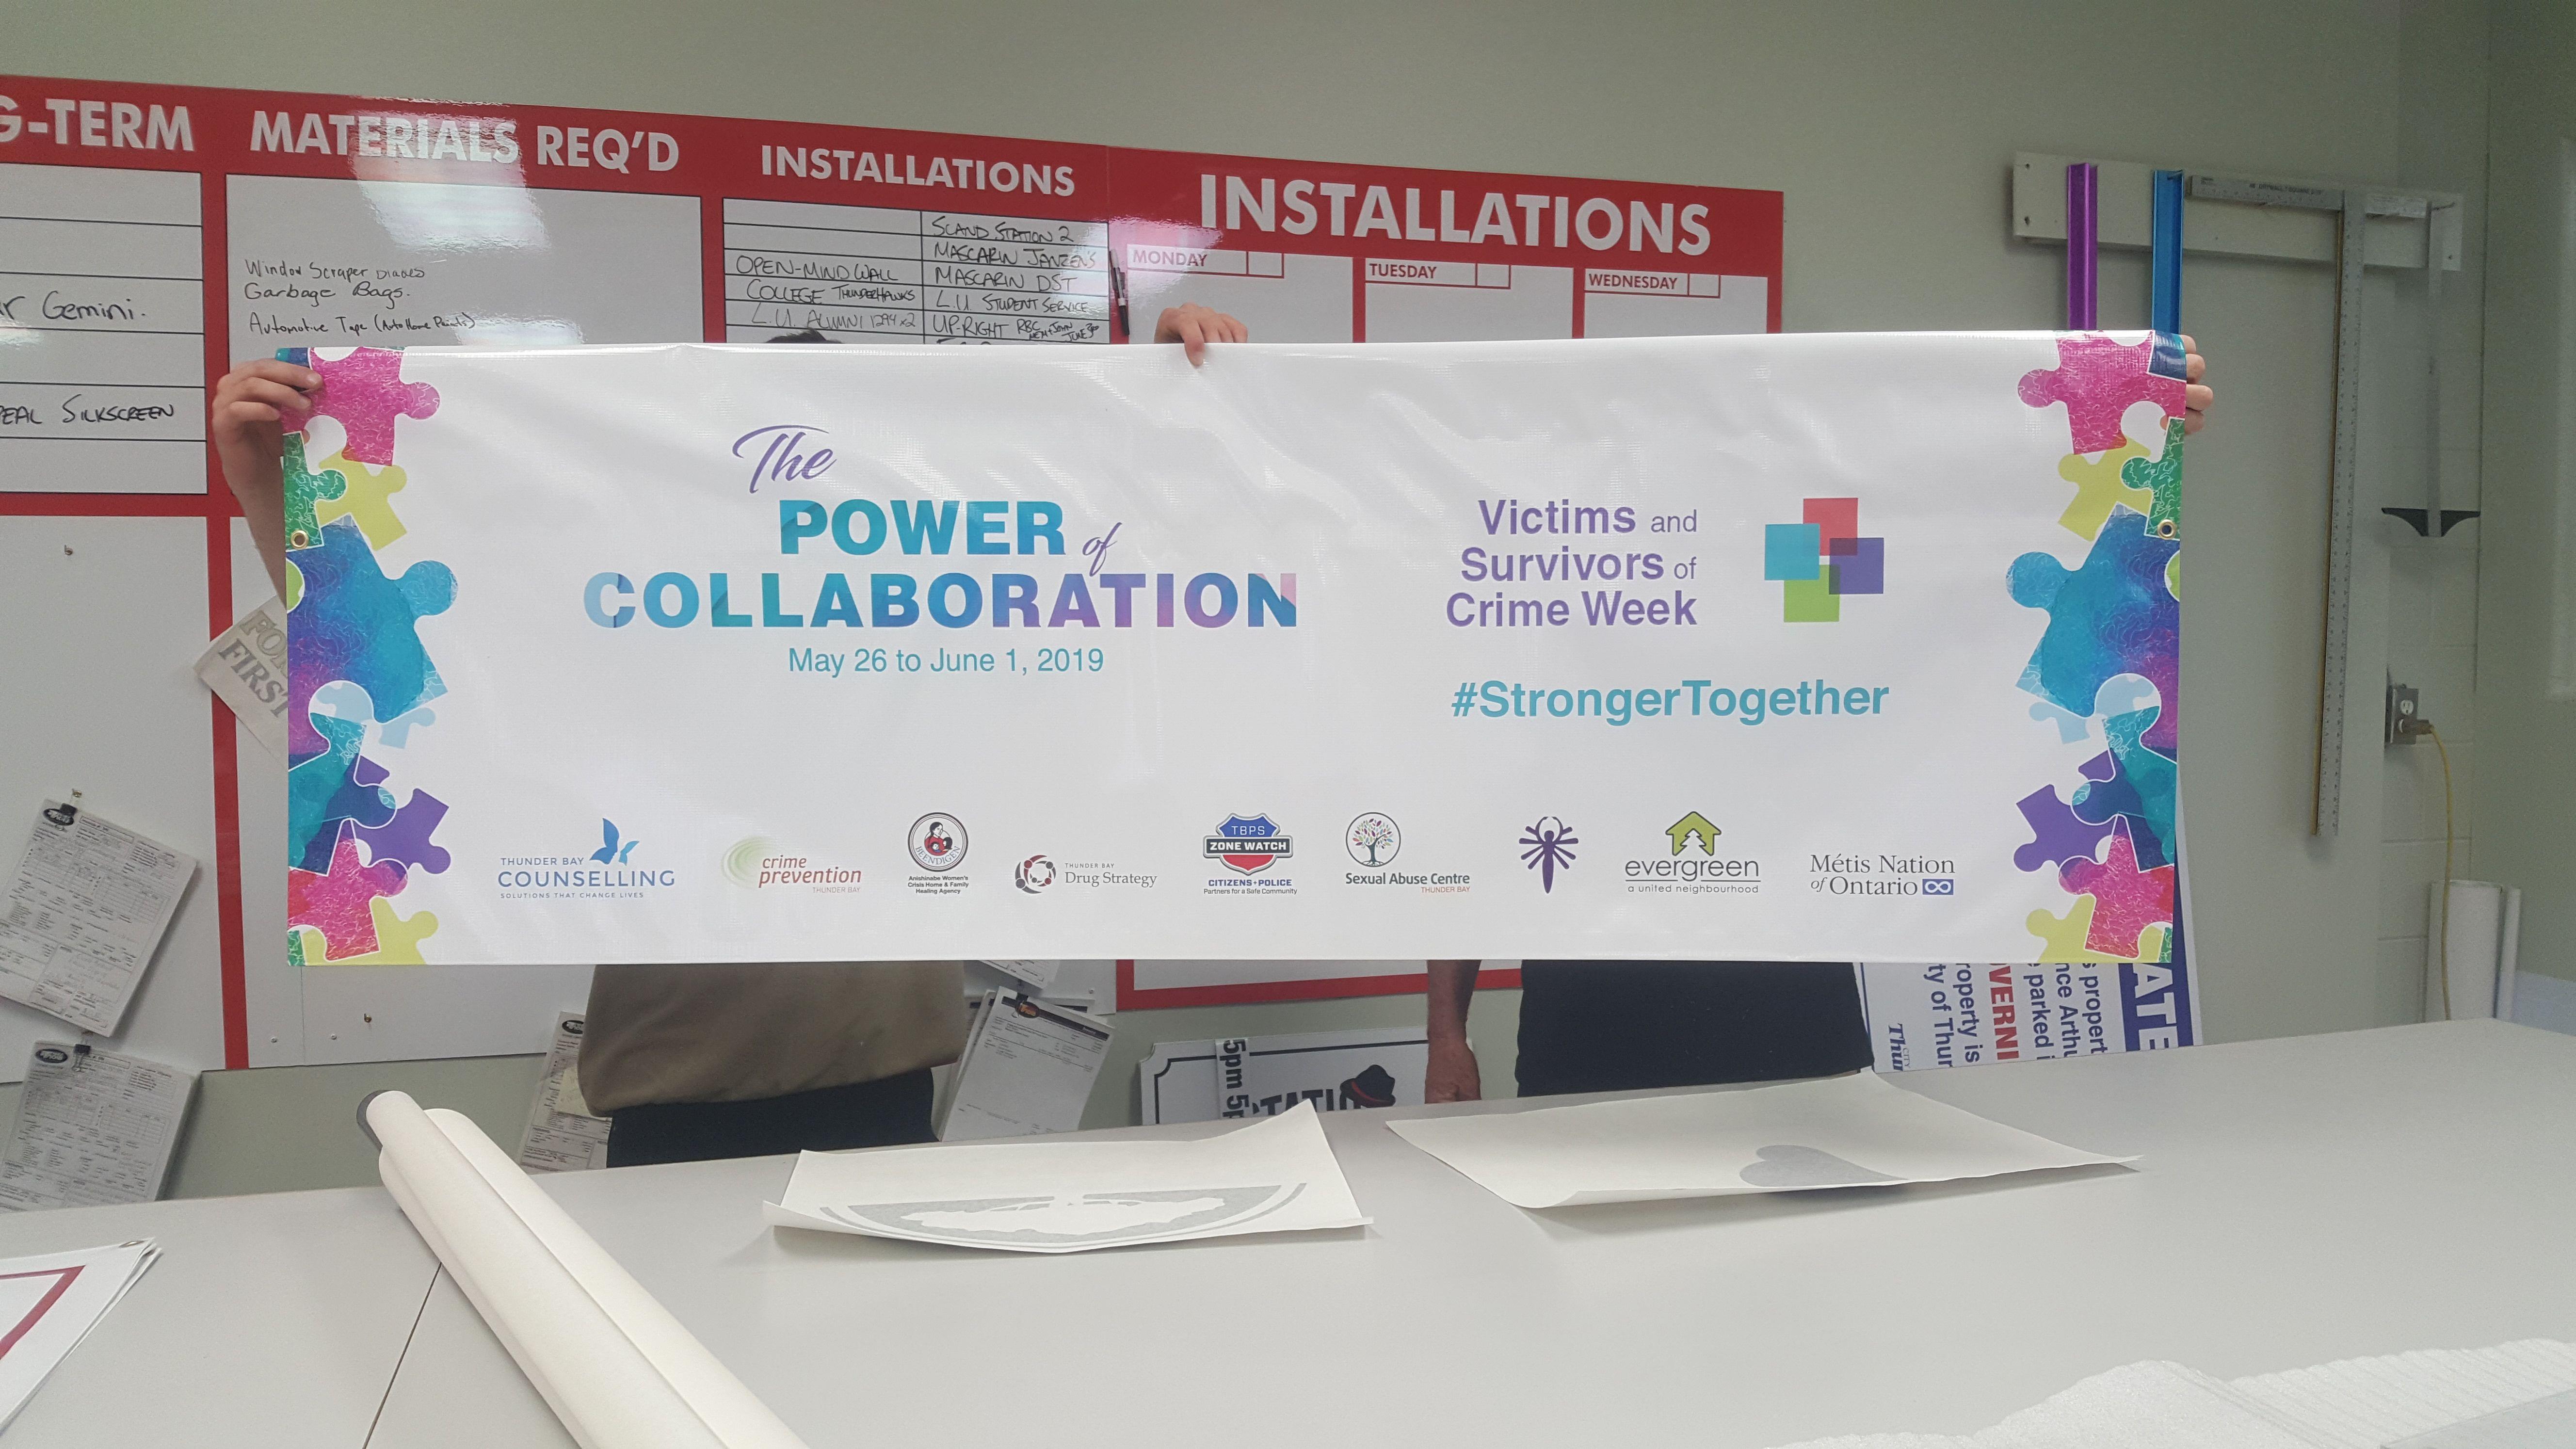 Thunder bay counselling centre vinyl banner